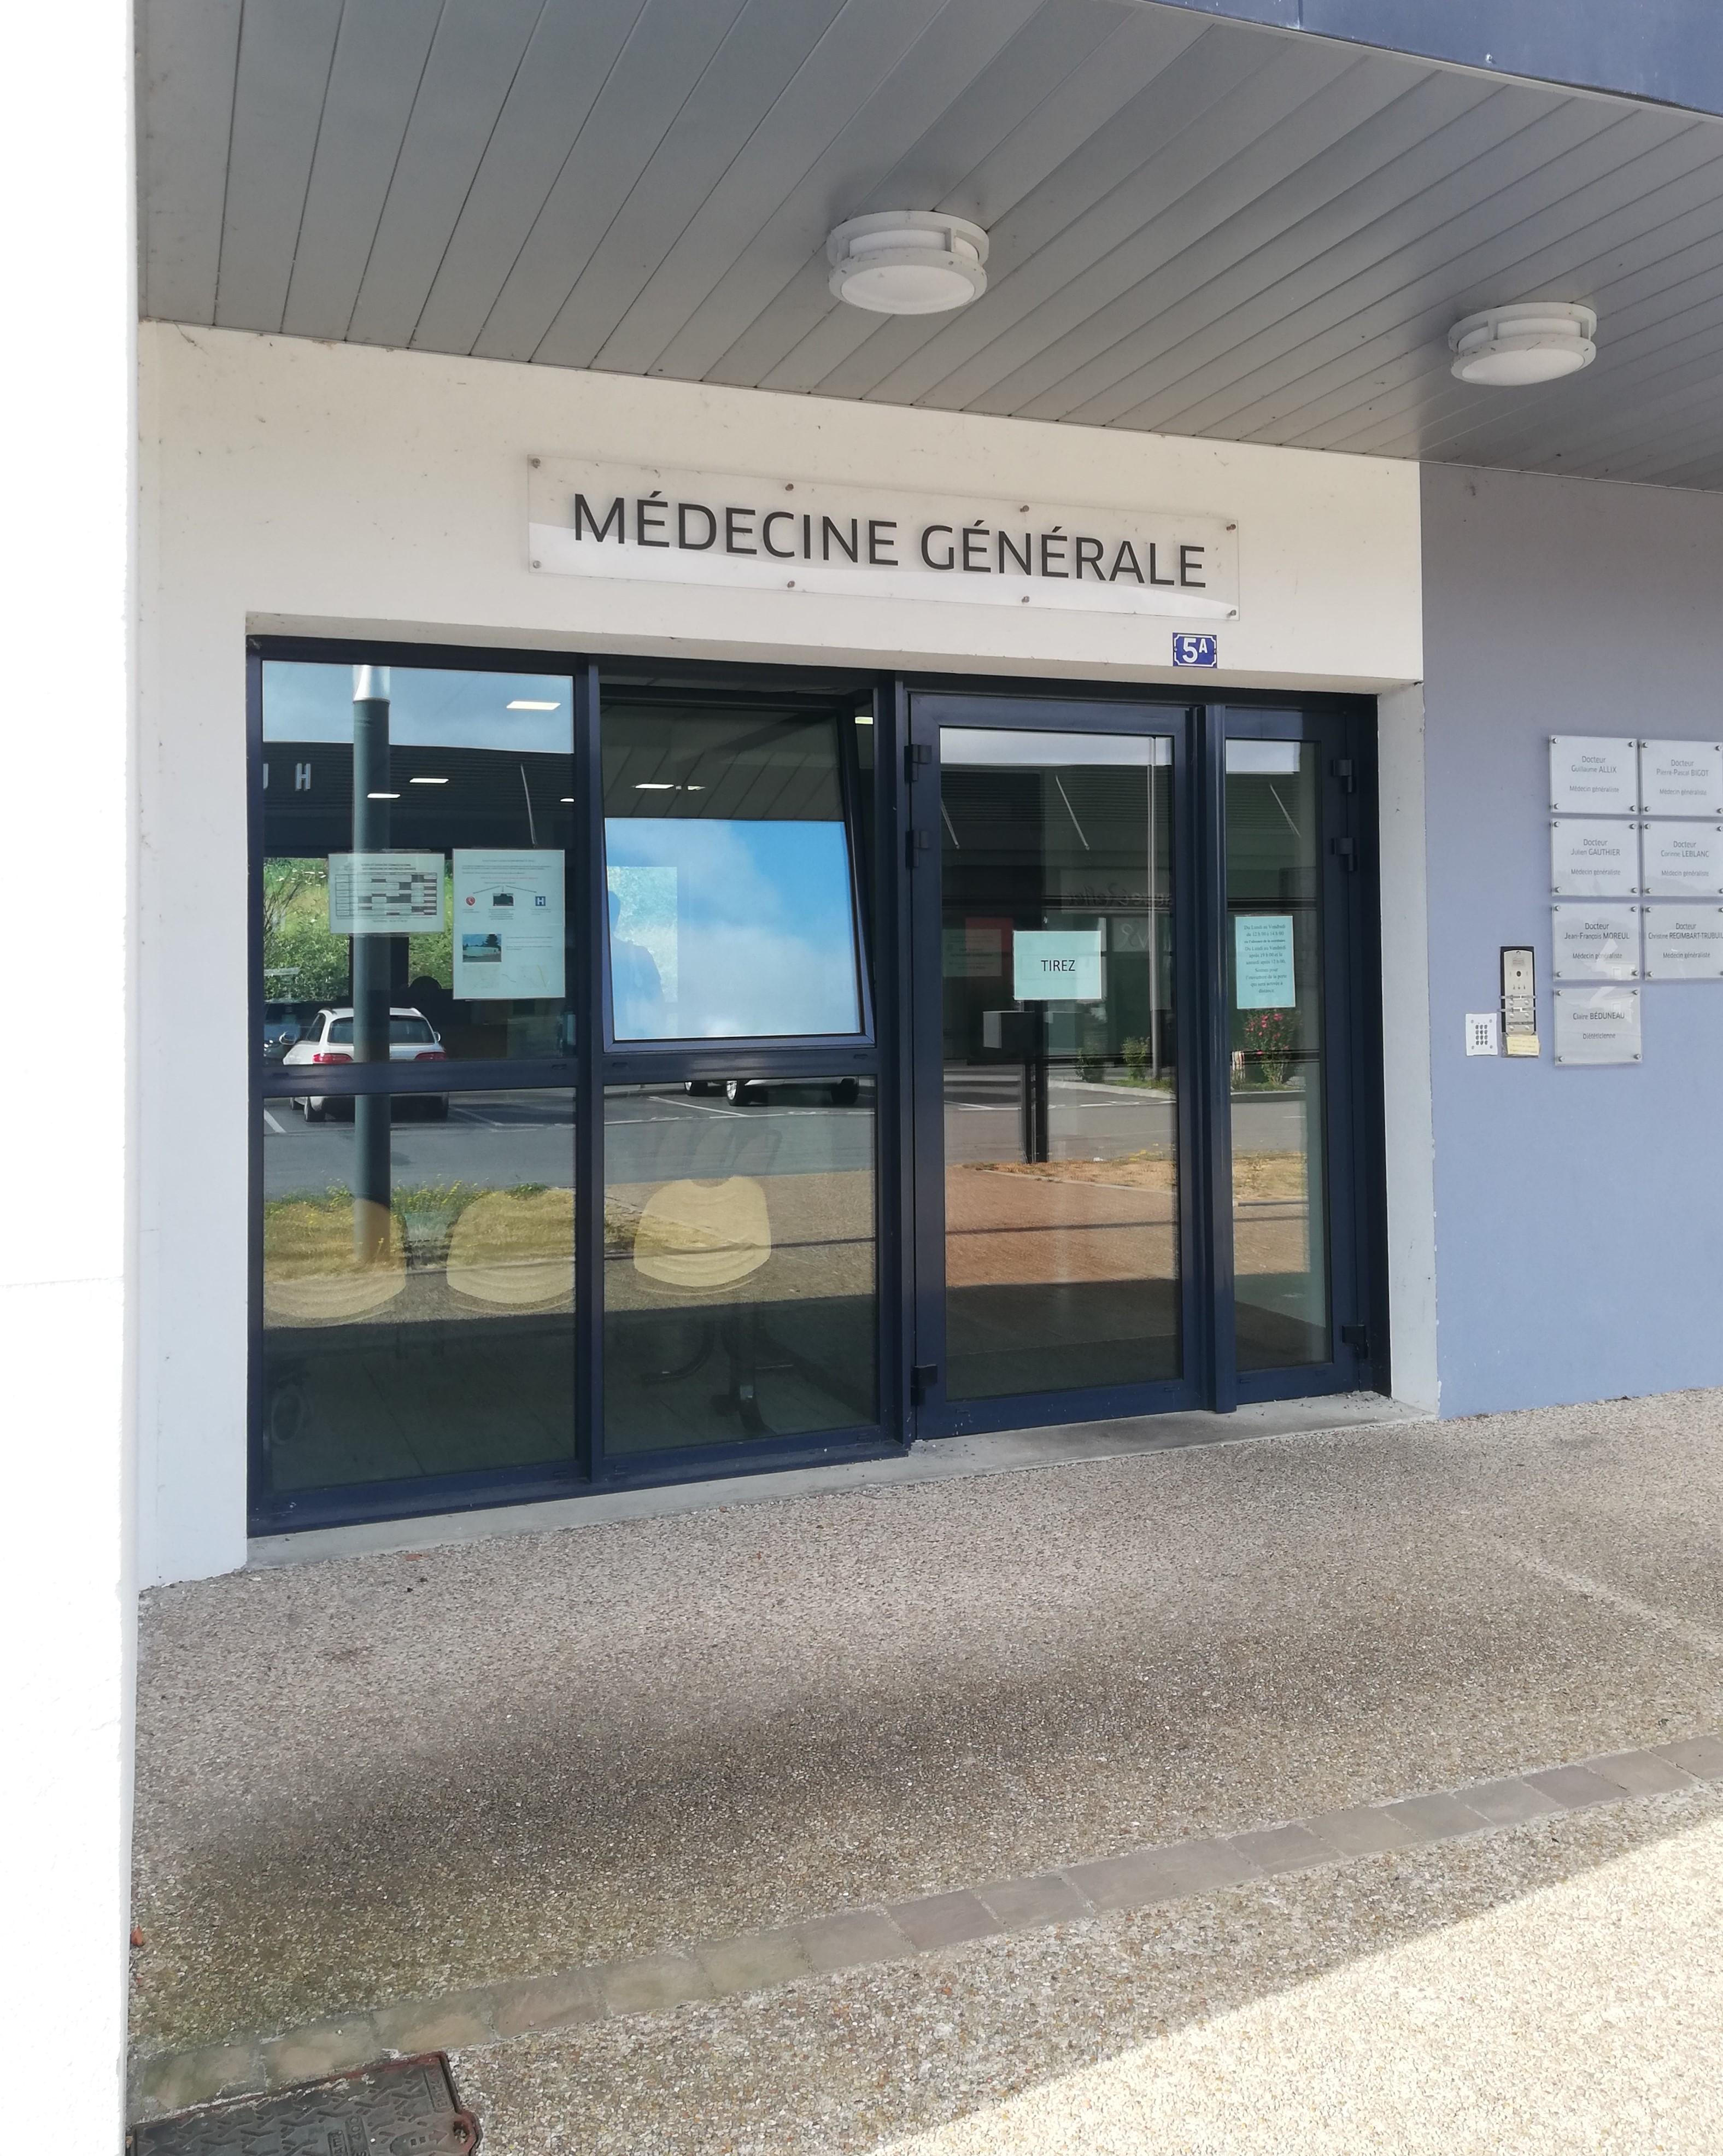 Cabinet de médecine générale